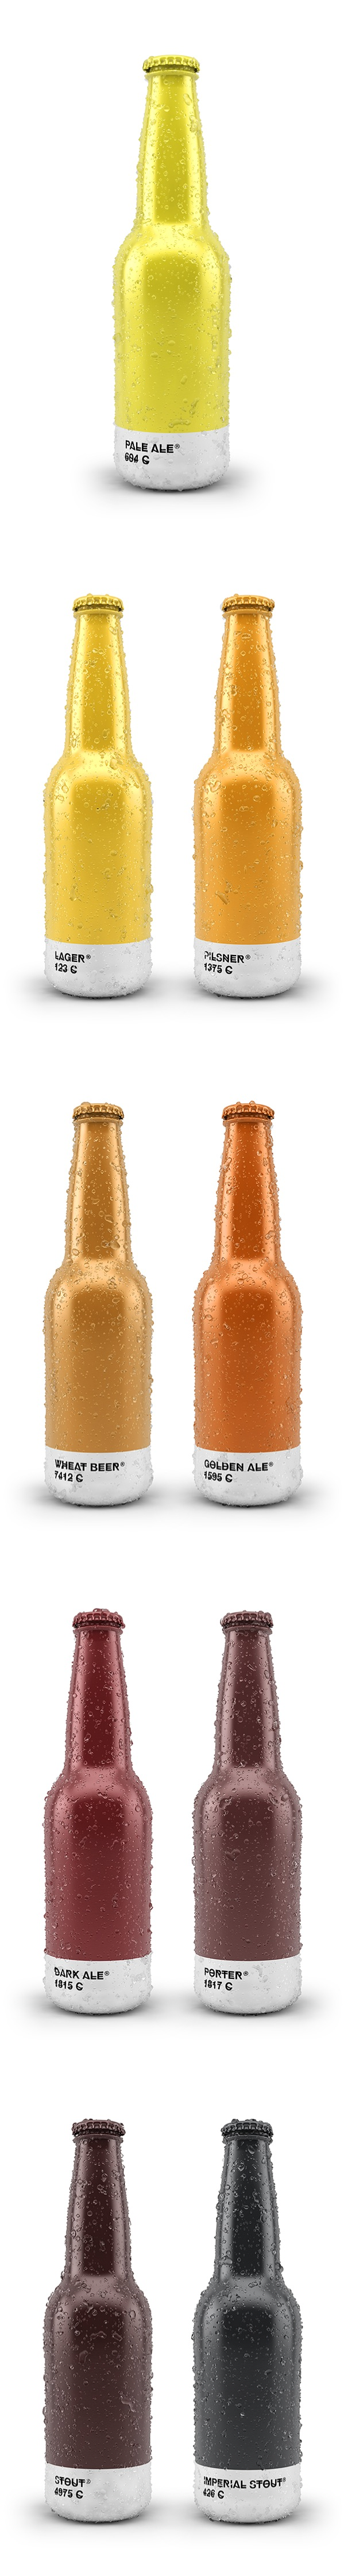 Beer+Colors+Bottles.jpg